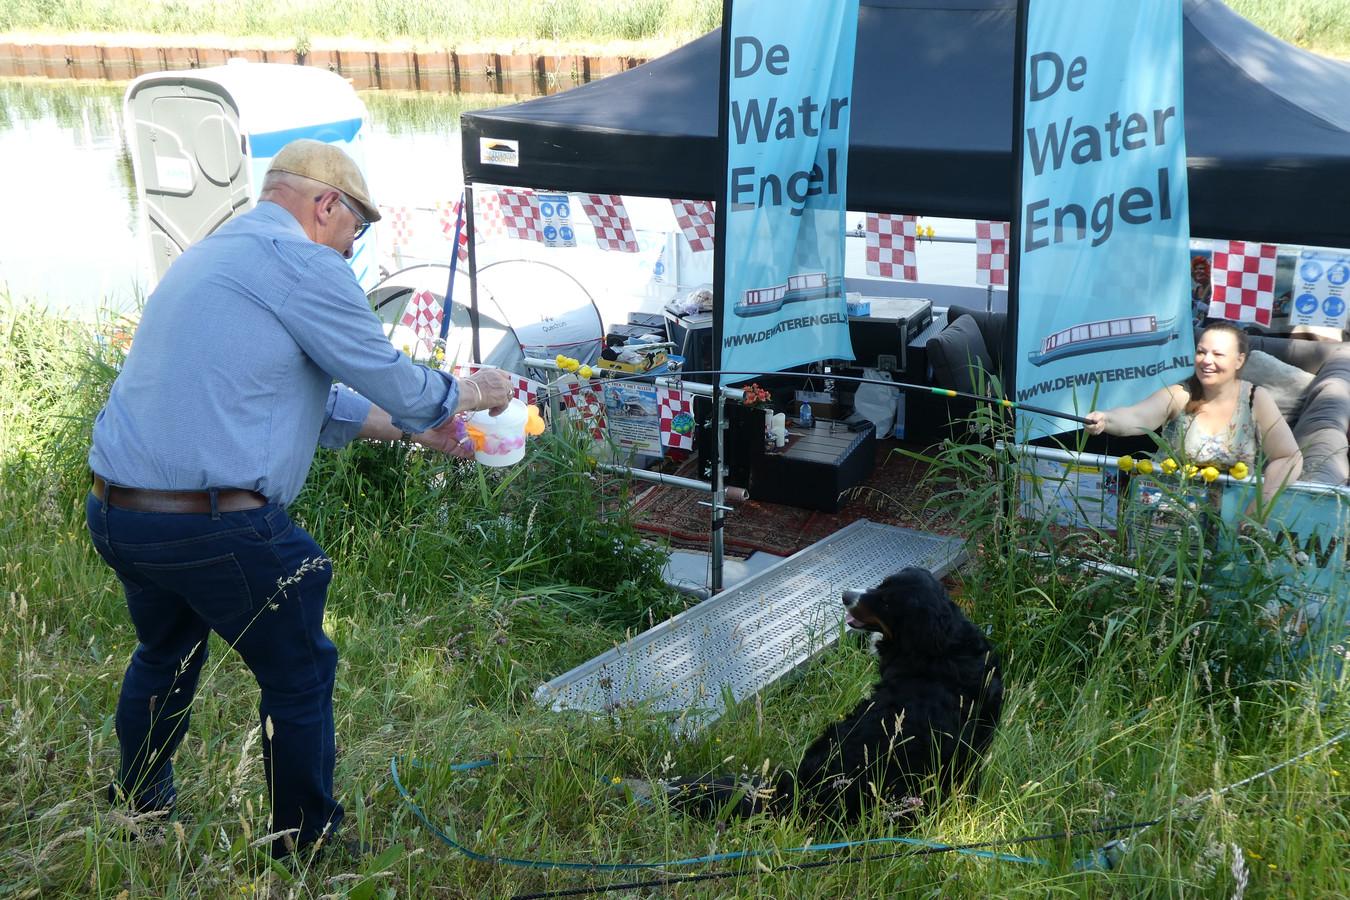 Passanten stoppen vlak bij de Dungense Brug geld in het spaarpotje dat aan een hengel is vastgemaakt voor het opknappen van de rondvaartboot De Waterengel.